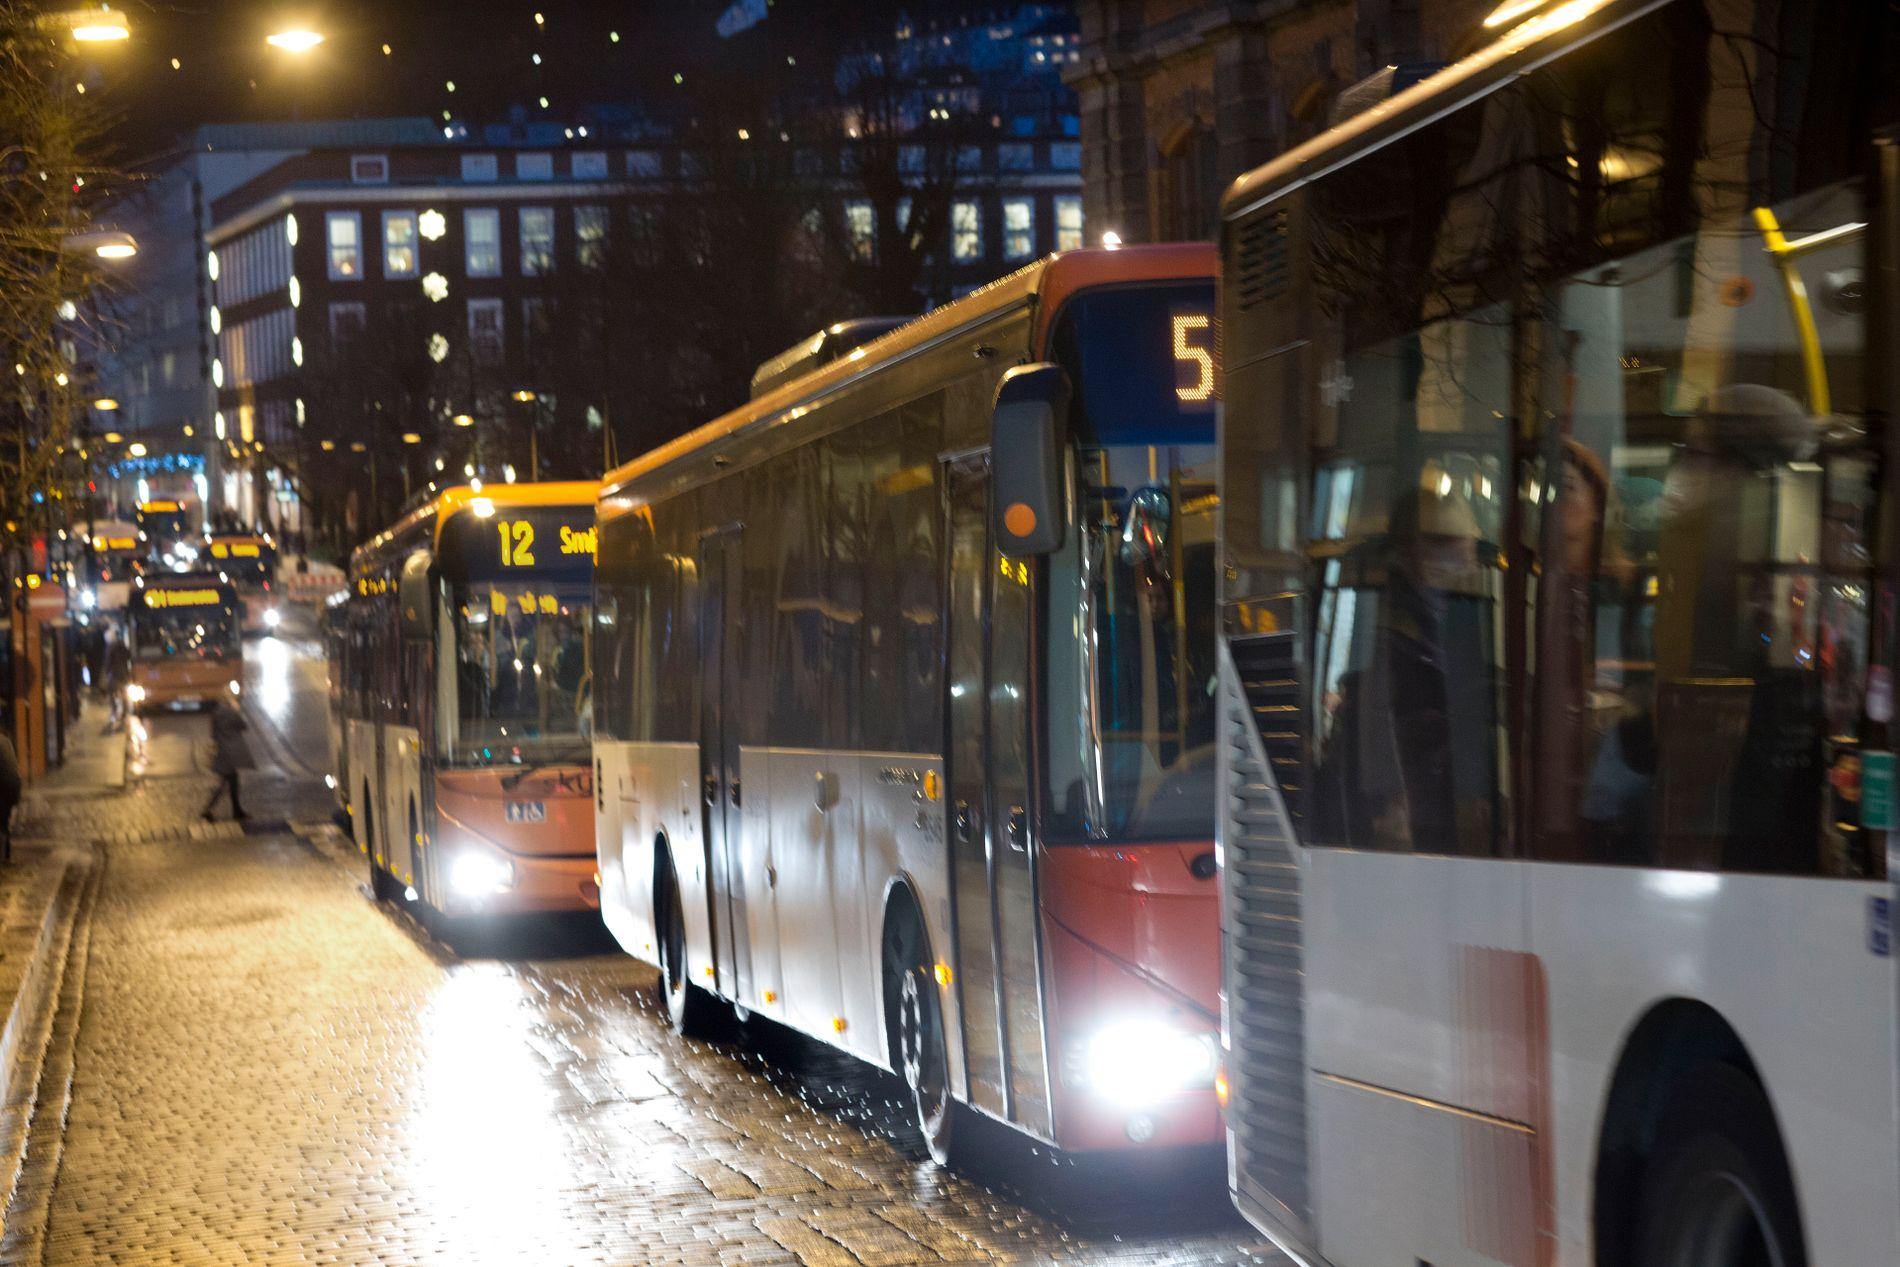 SJÅFØRMANGEL: Norge trenger 1000 nye bussjåfører årlig fremover, og næringen roper nærmest etter ny arbeidskraft. De kan begynne med å se nærmere på arbeidsforholdene til sjåførene, mener innsenderen.